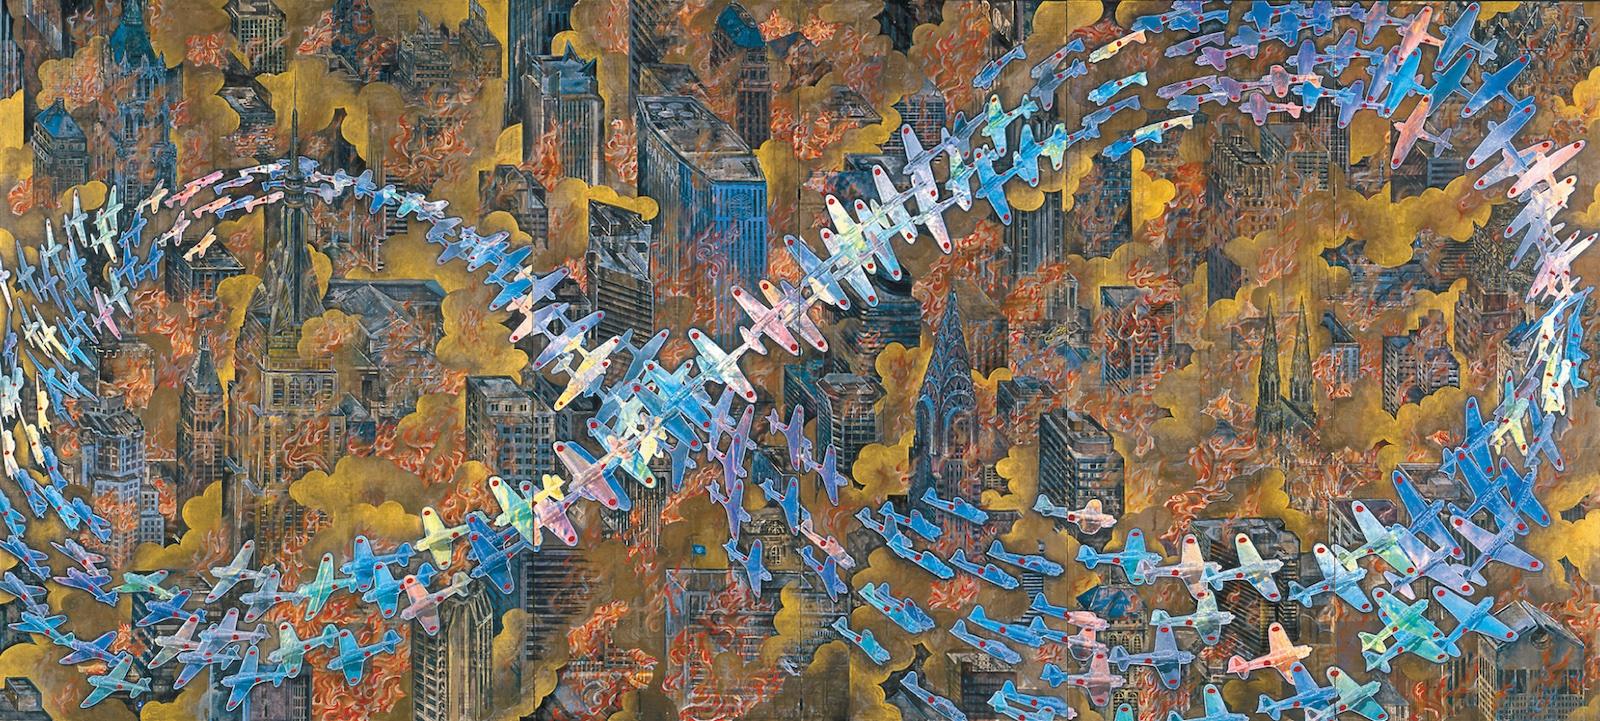 会⽥誠《<ruby>紐育空爆之図<rp>(</rp><rt>にゅうようくくうばくのず</rt><rp>)</rp></ruby>(戦争画RETURNS)》 (部分) 1996 零戦CG制作:松橋睦⽣ Photo: NAGATSUKA Hideto ©AIDA Makoto, Courtesy of Mizuma Art Gallery